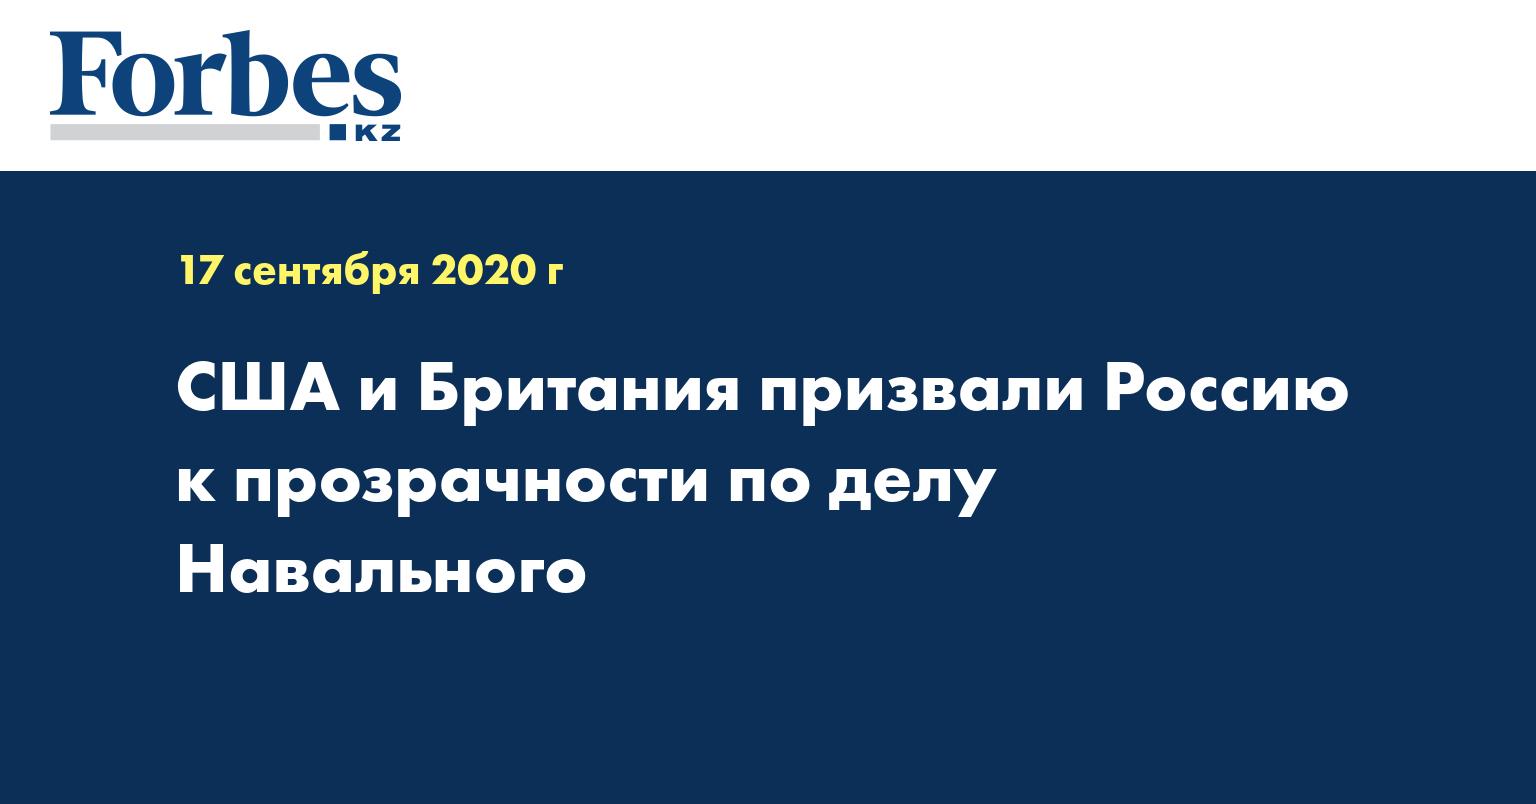 США и Британия призвали Россию к прозрачности по делу Навального